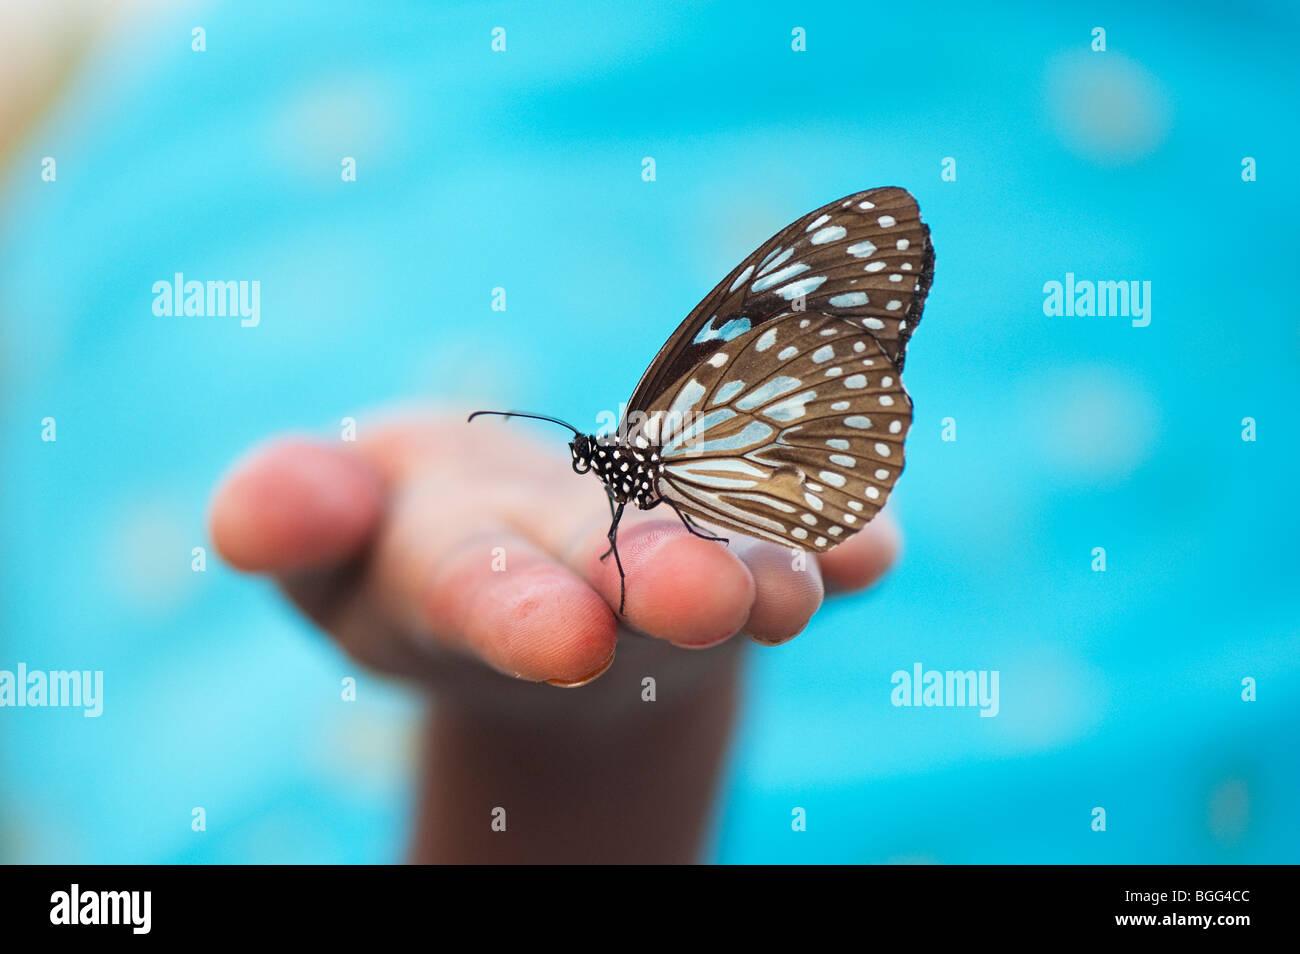 Tirumala limniace. Blue Tiger butterfly sulle mani di una ragazza indiana. India Immagini Stock